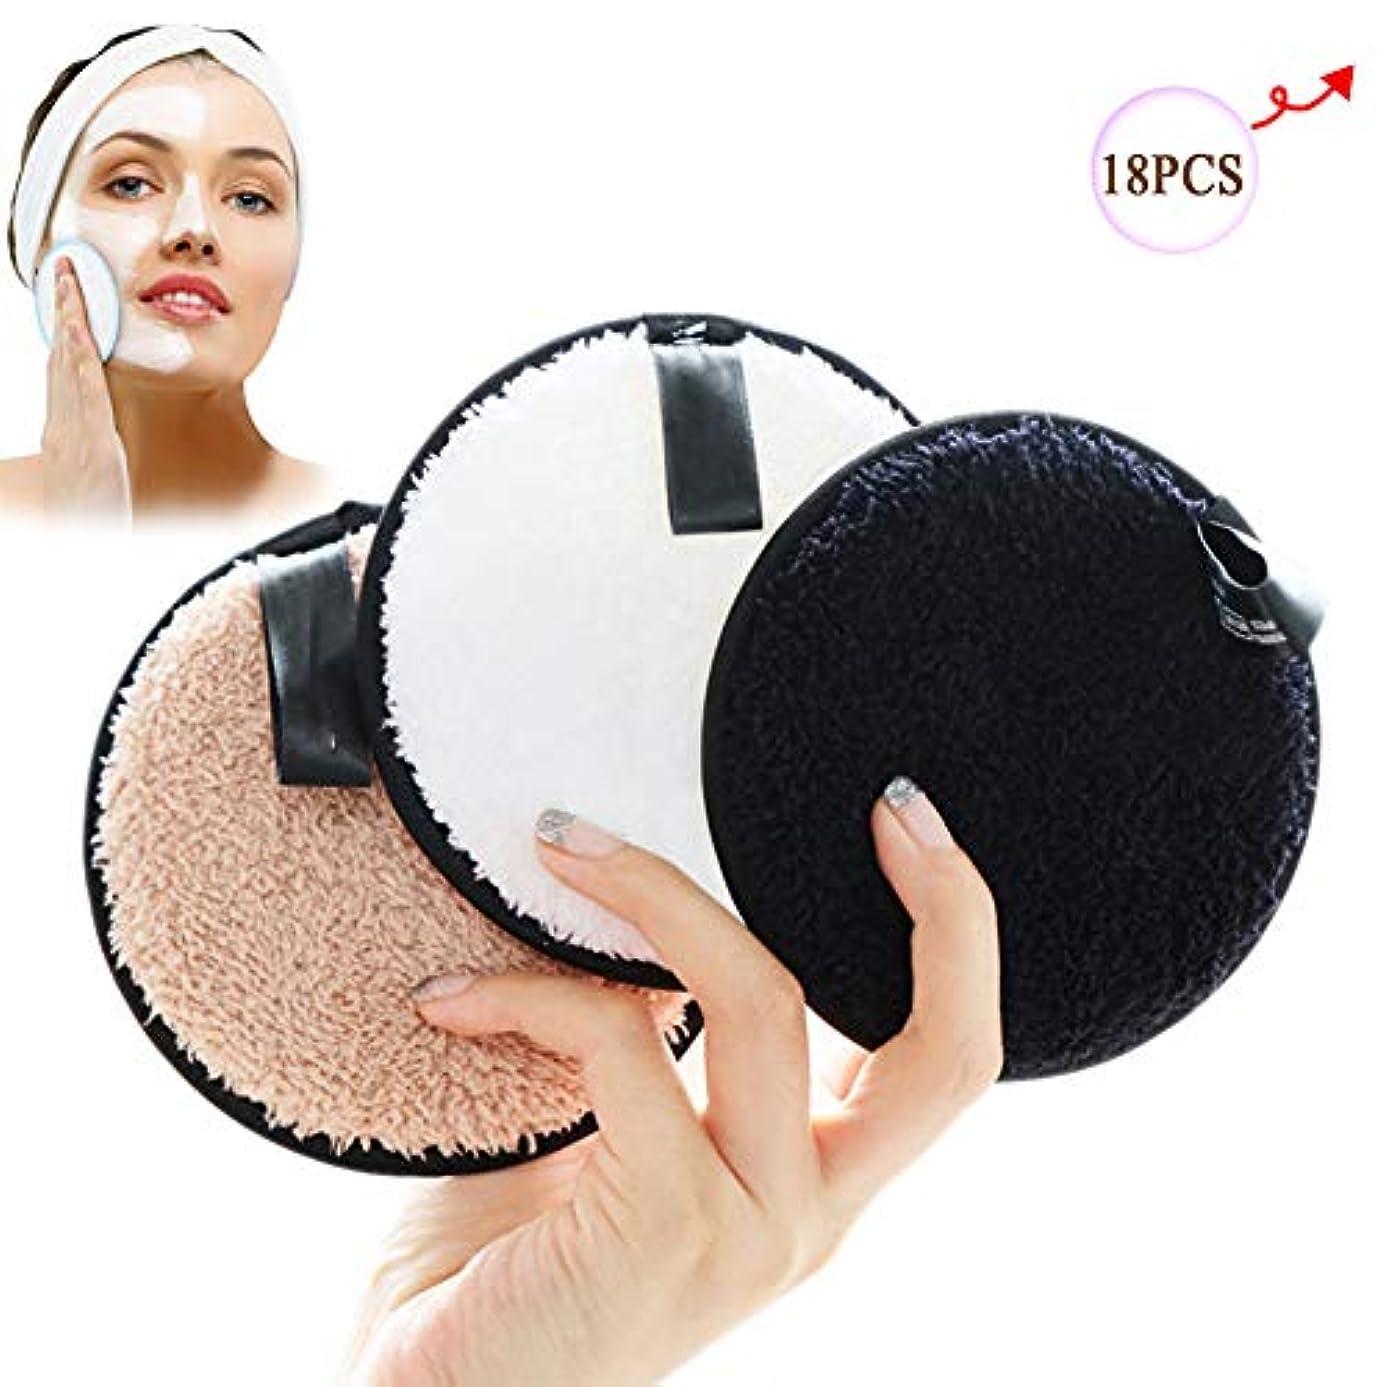 アーカイブ来て診療所除去剤のパッド、女性の表面/目/唇のための再使用可能な清潔になる綿繊維の構造の除去剤のワイプ,18PCS